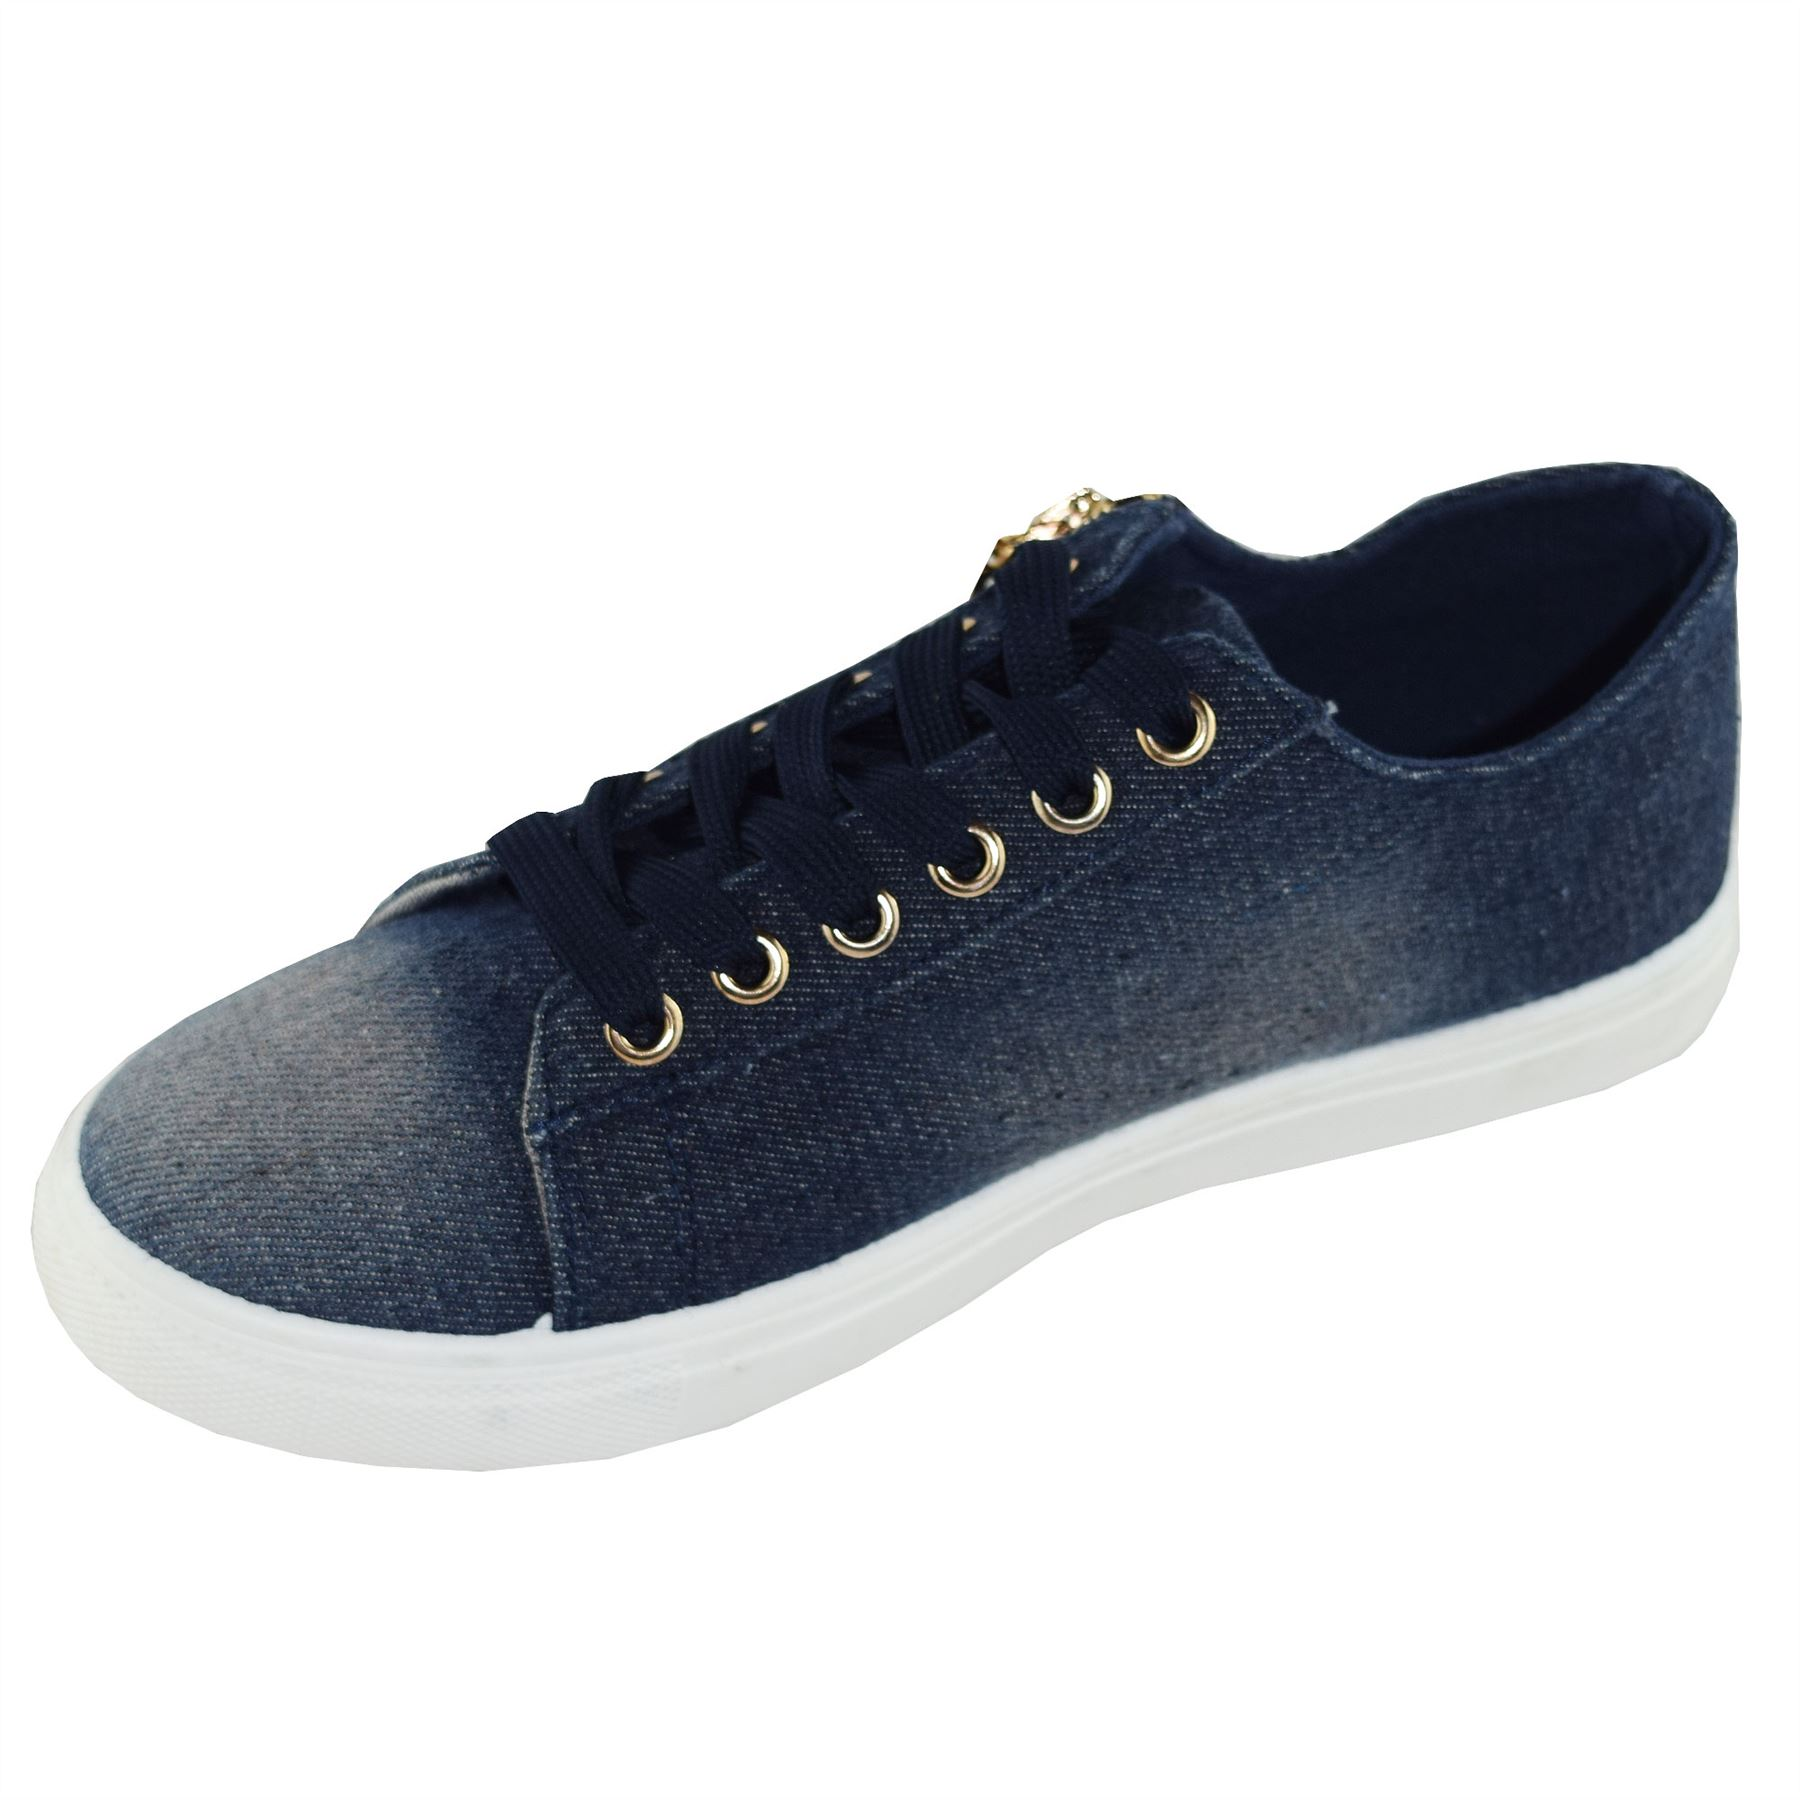 Nuevo Para mujeres Con Cordones Aspecto Mojado Cremallera Lateral Zapatos Tenis Informales Calce Clásico